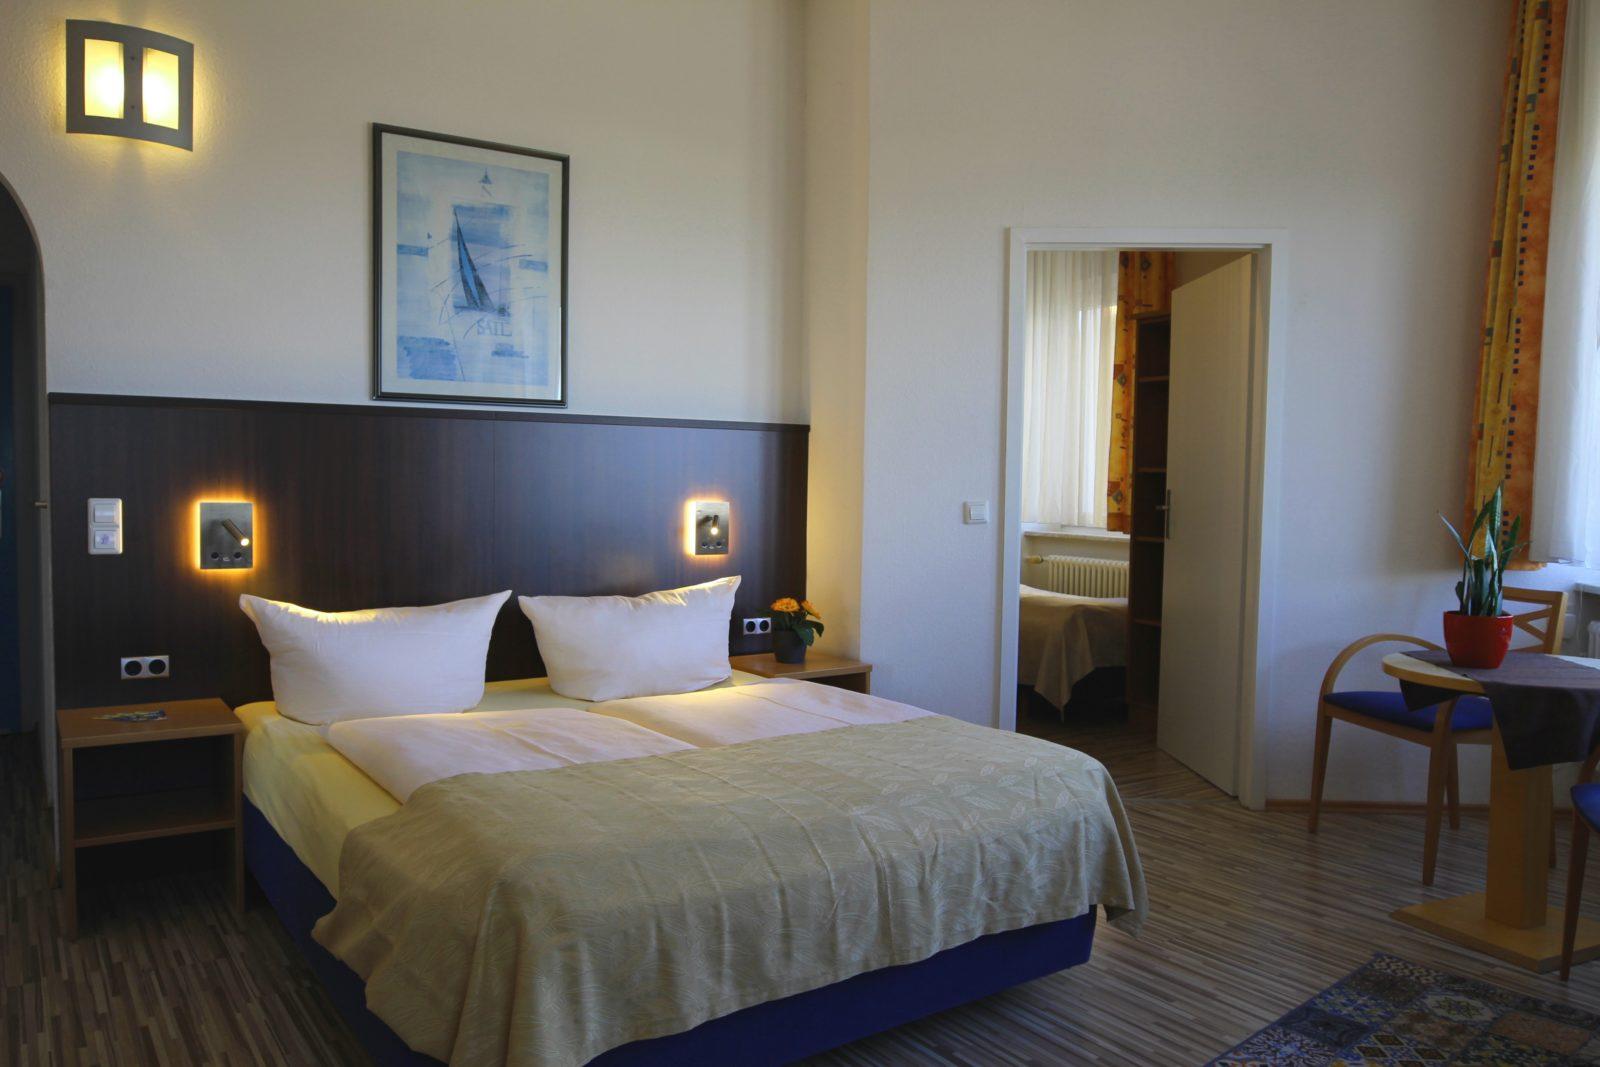 Vier- und Fünfbettzimmer